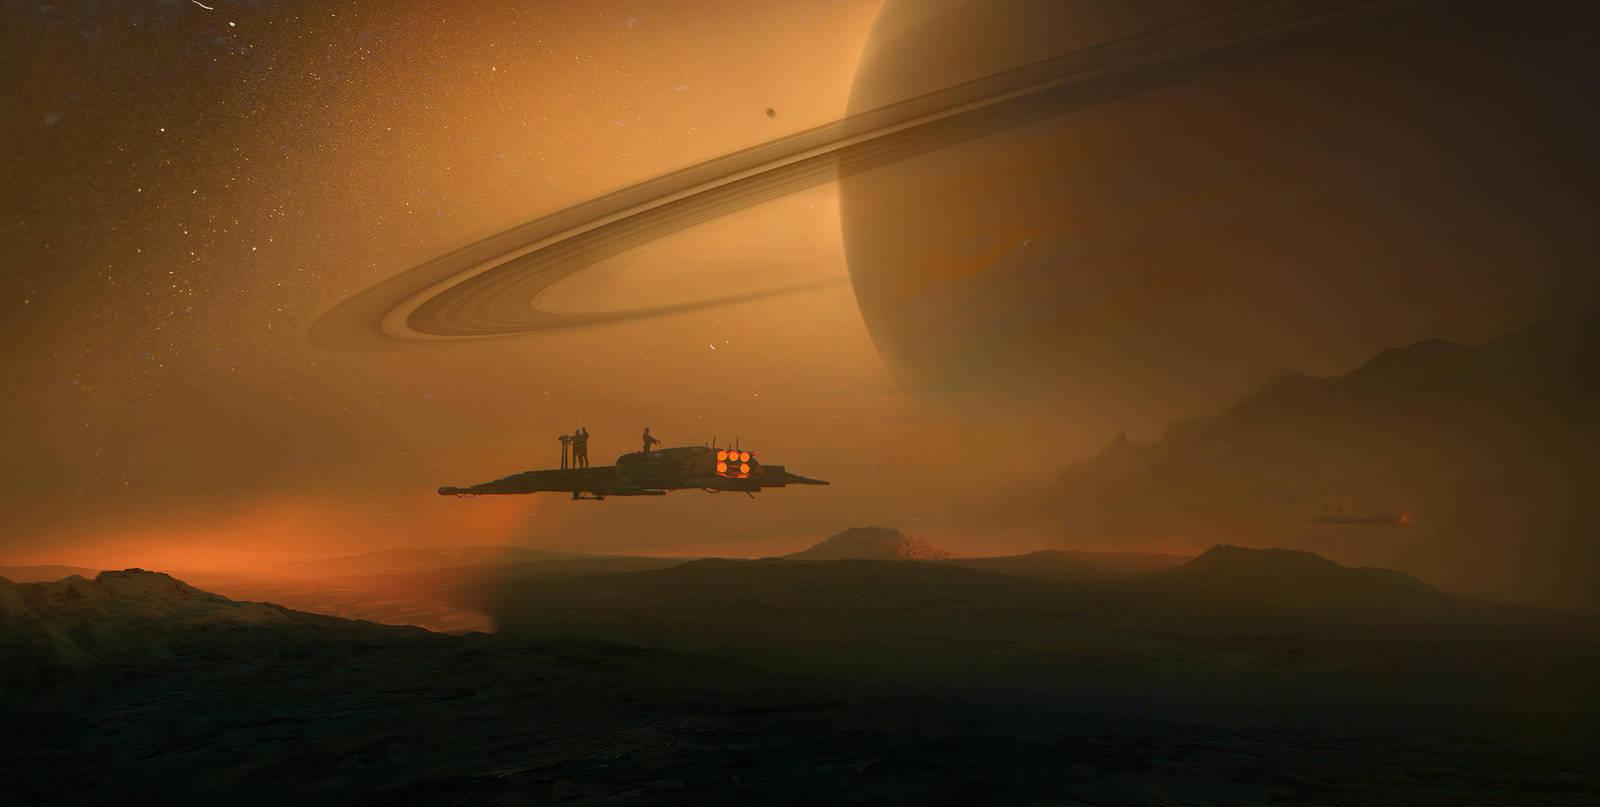 Titan by Thuberchs